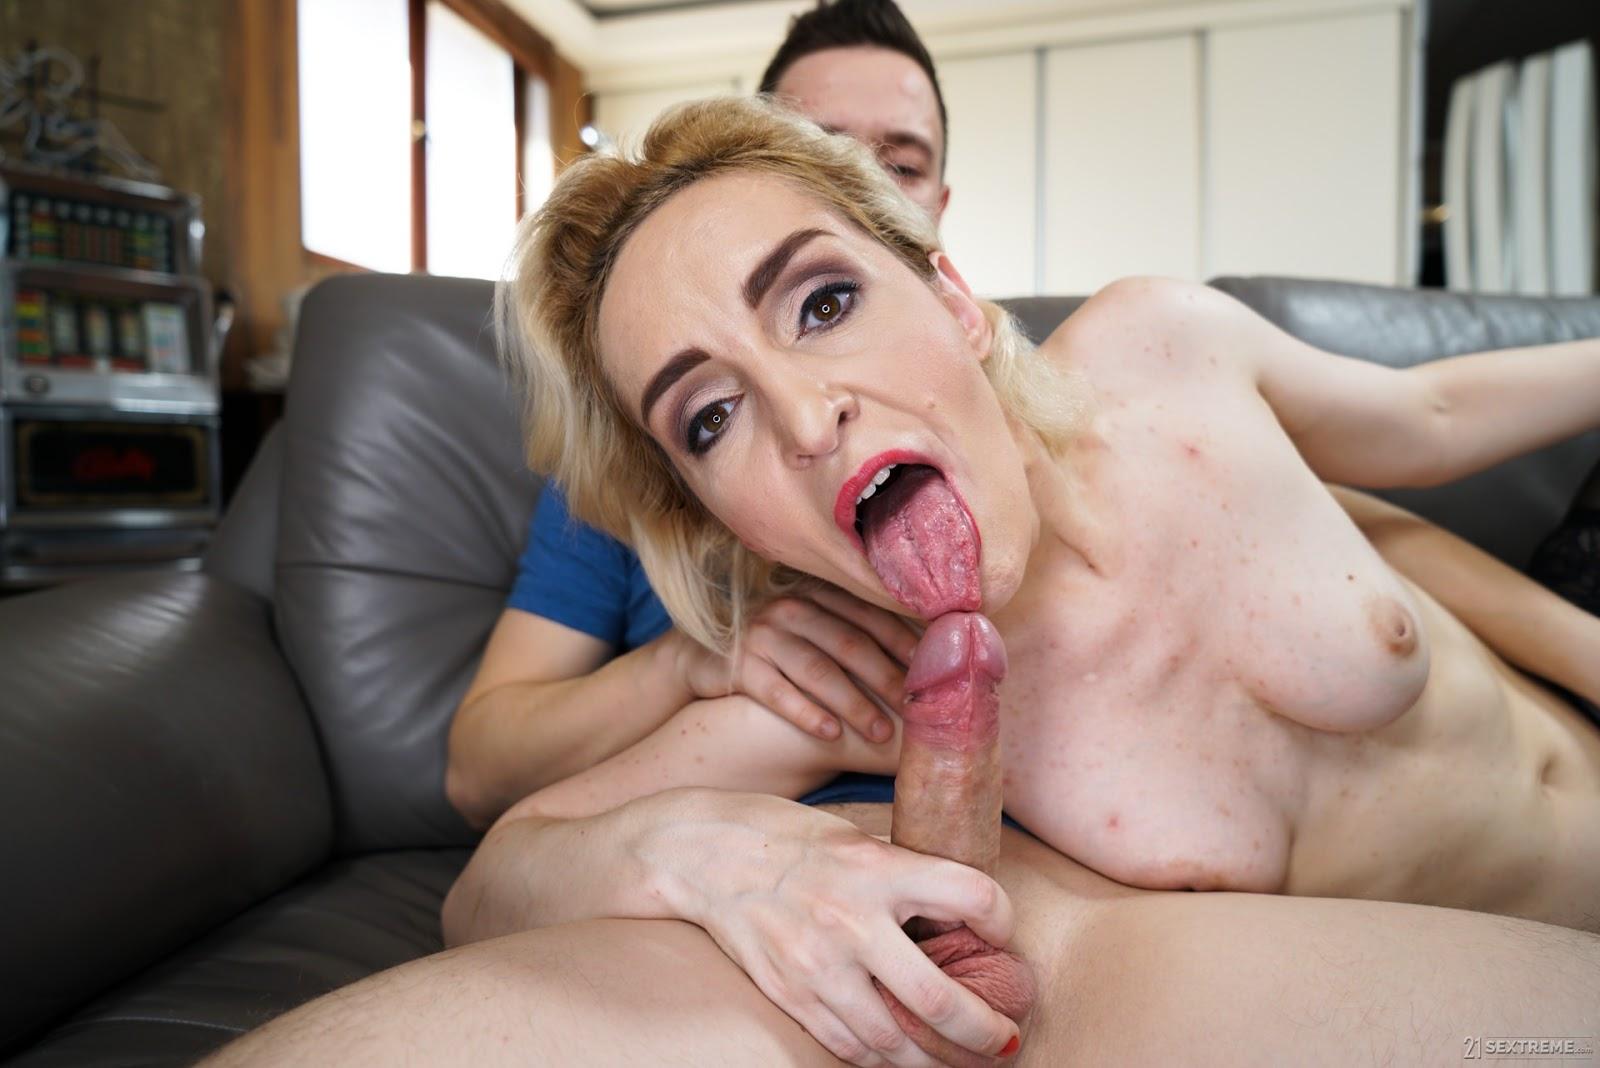 Pleasure Substitution,21 SEXTREME, 4K, Anal, Threesome, Uncensored, Westen, Westen Porn,Nikki Nuttz ,Di Devi